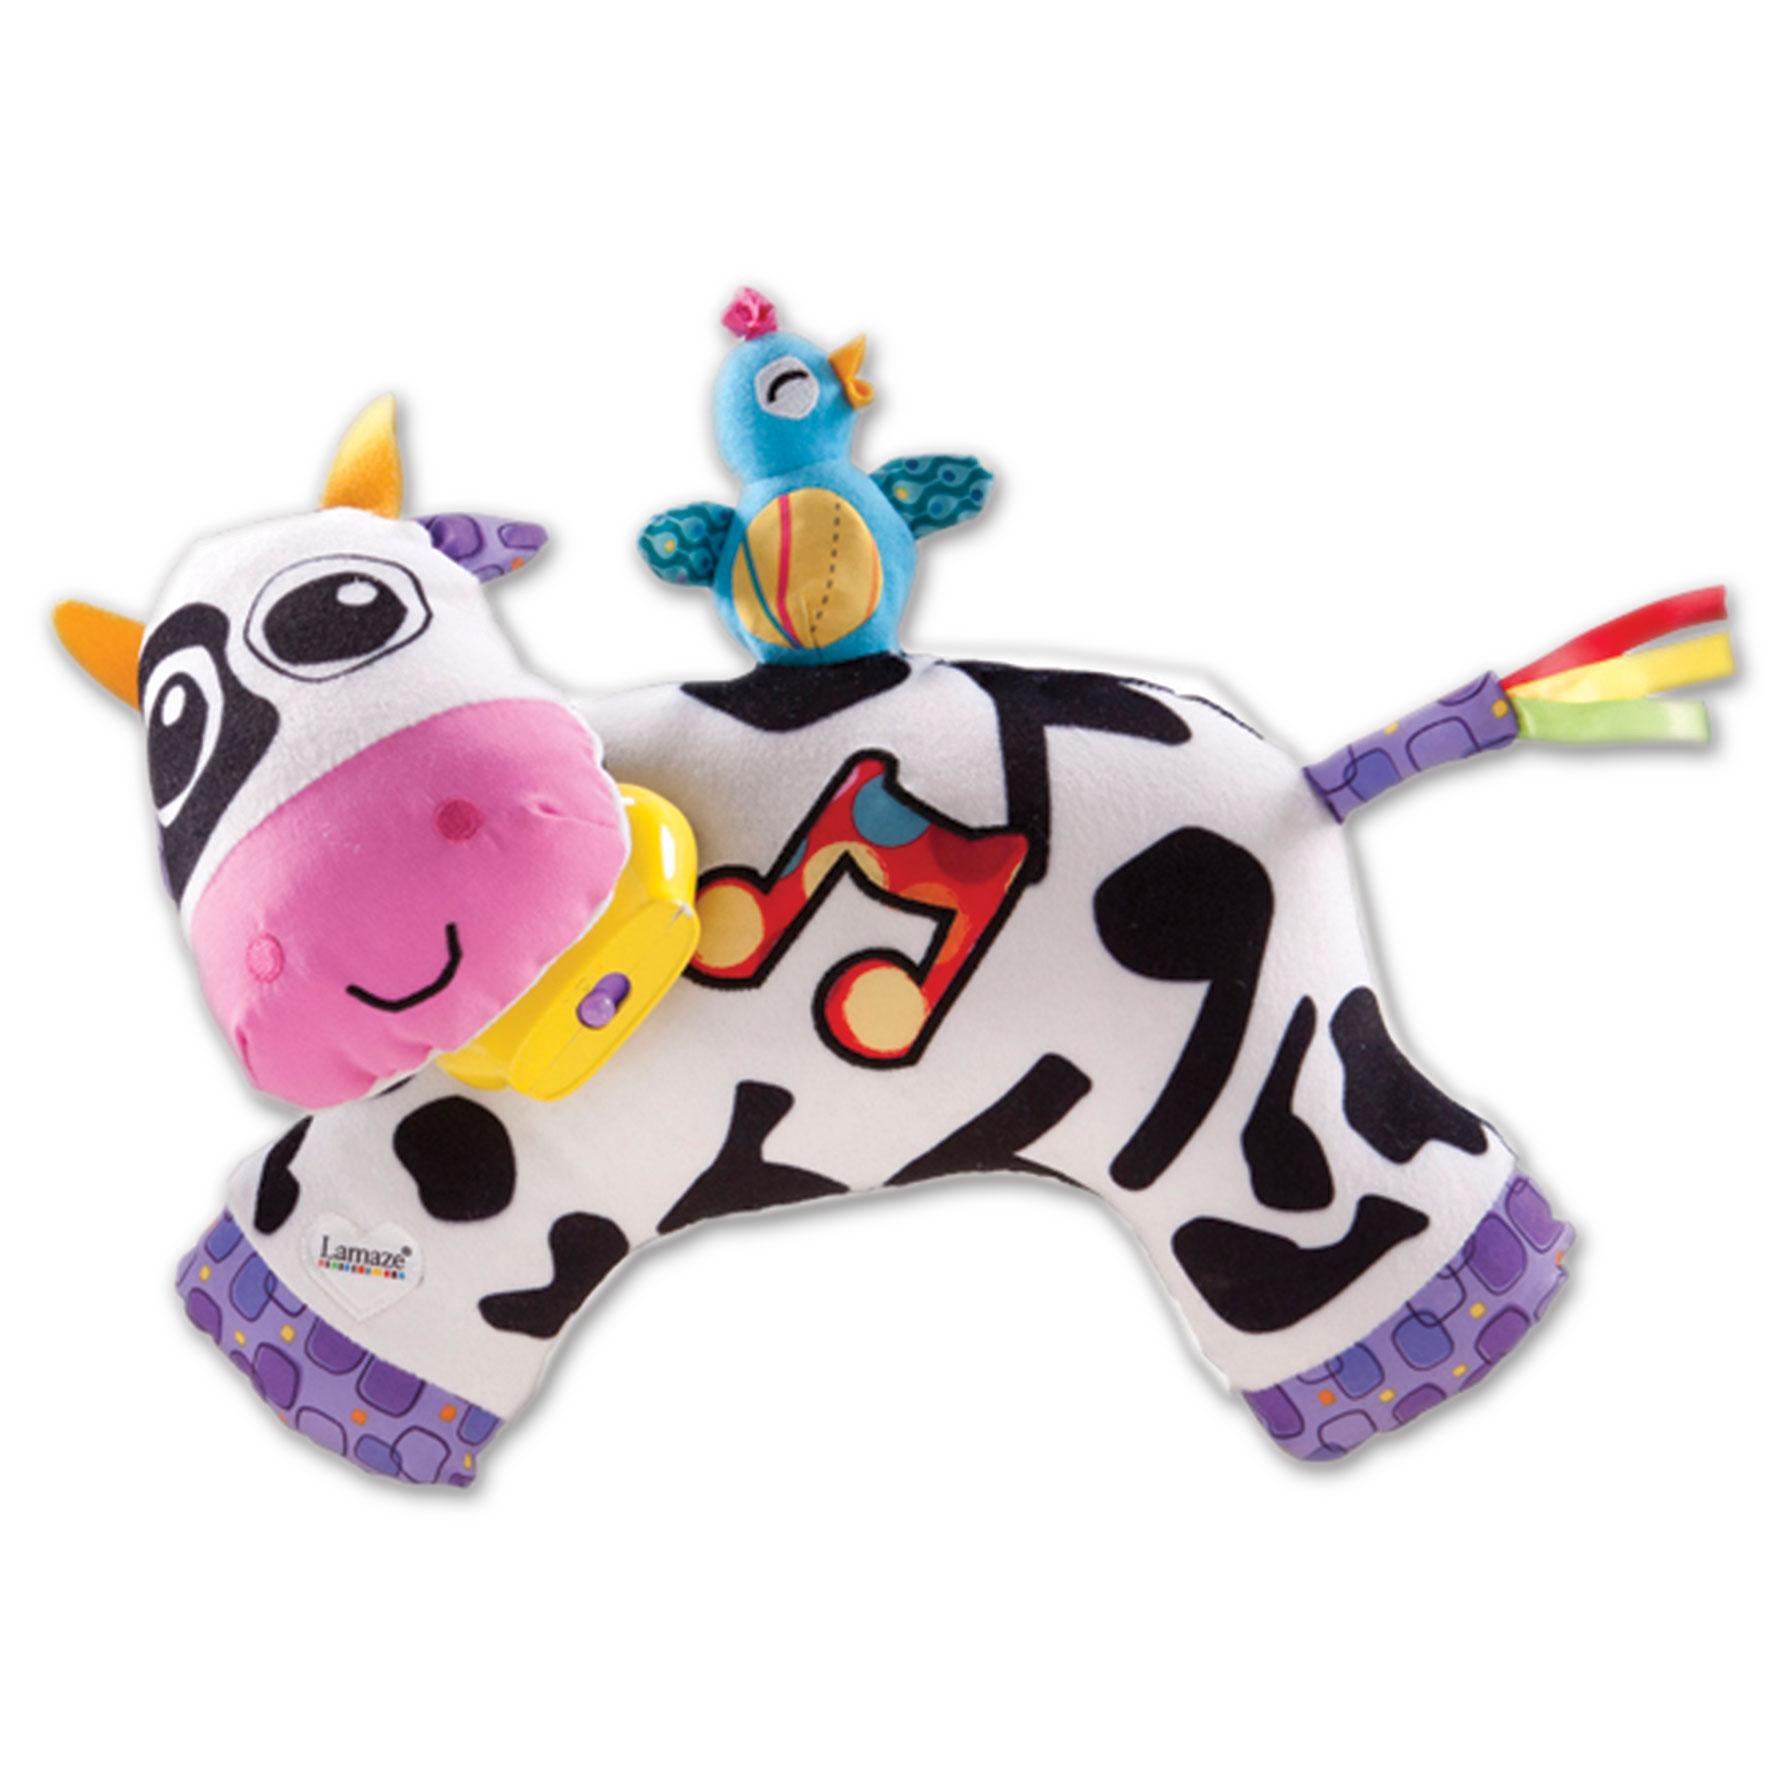 Lamaze Мягкая озвученная игрушка Музыкальная коровка мягкие игрушки tomy музыкальная мягкая игрушка музыкальная коровка